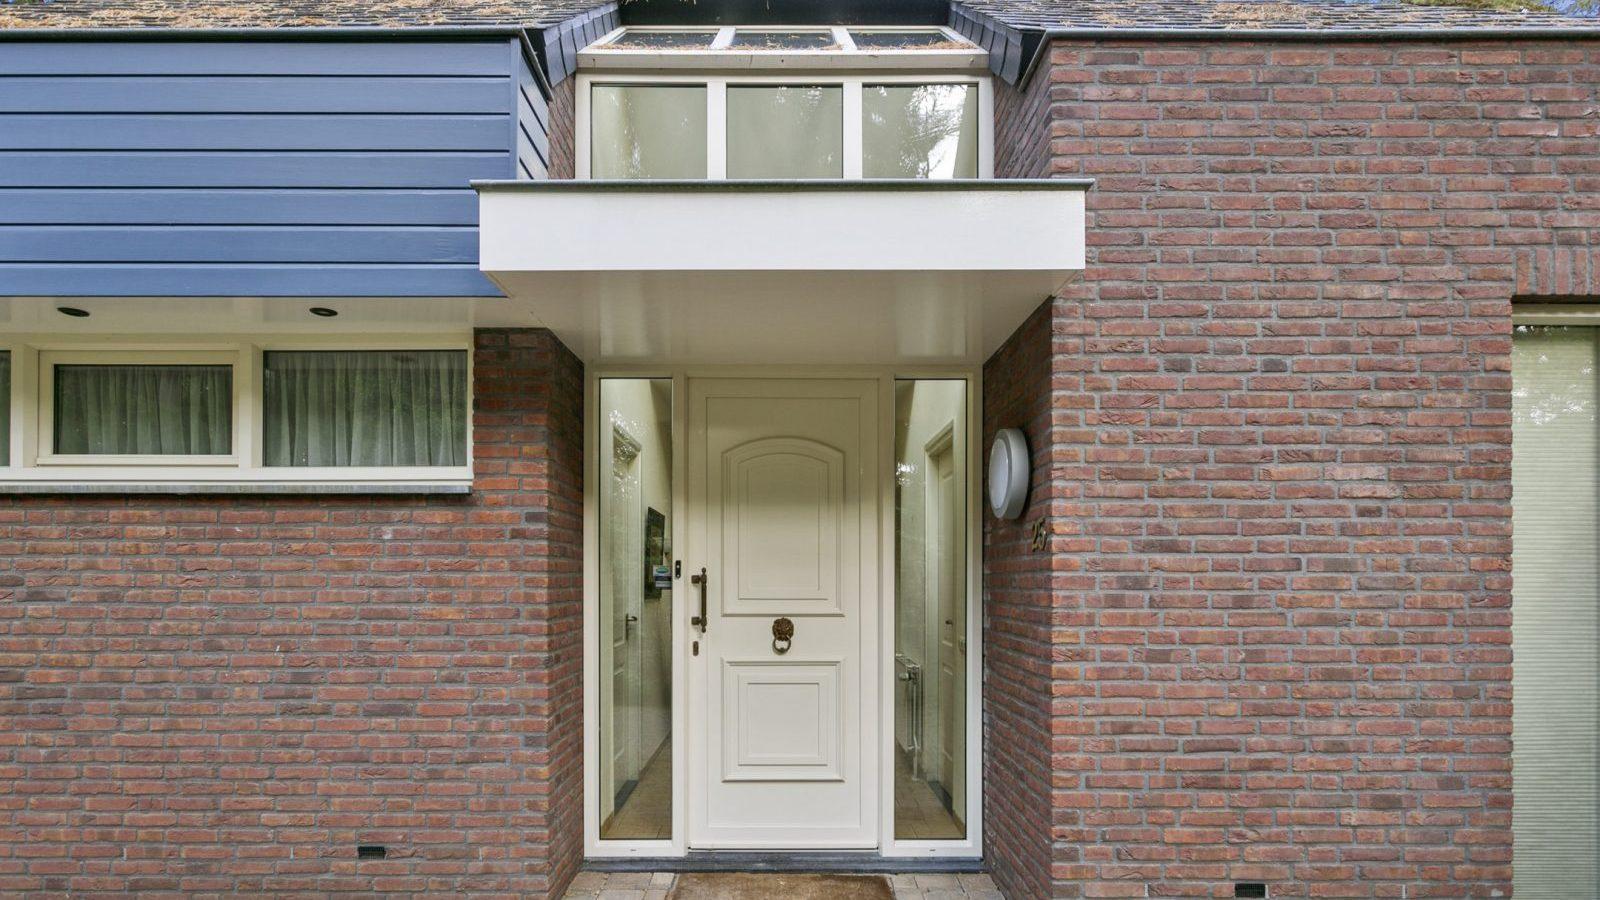 VanderLandelaan25Herkenbosch-EXT-02-1600x1067